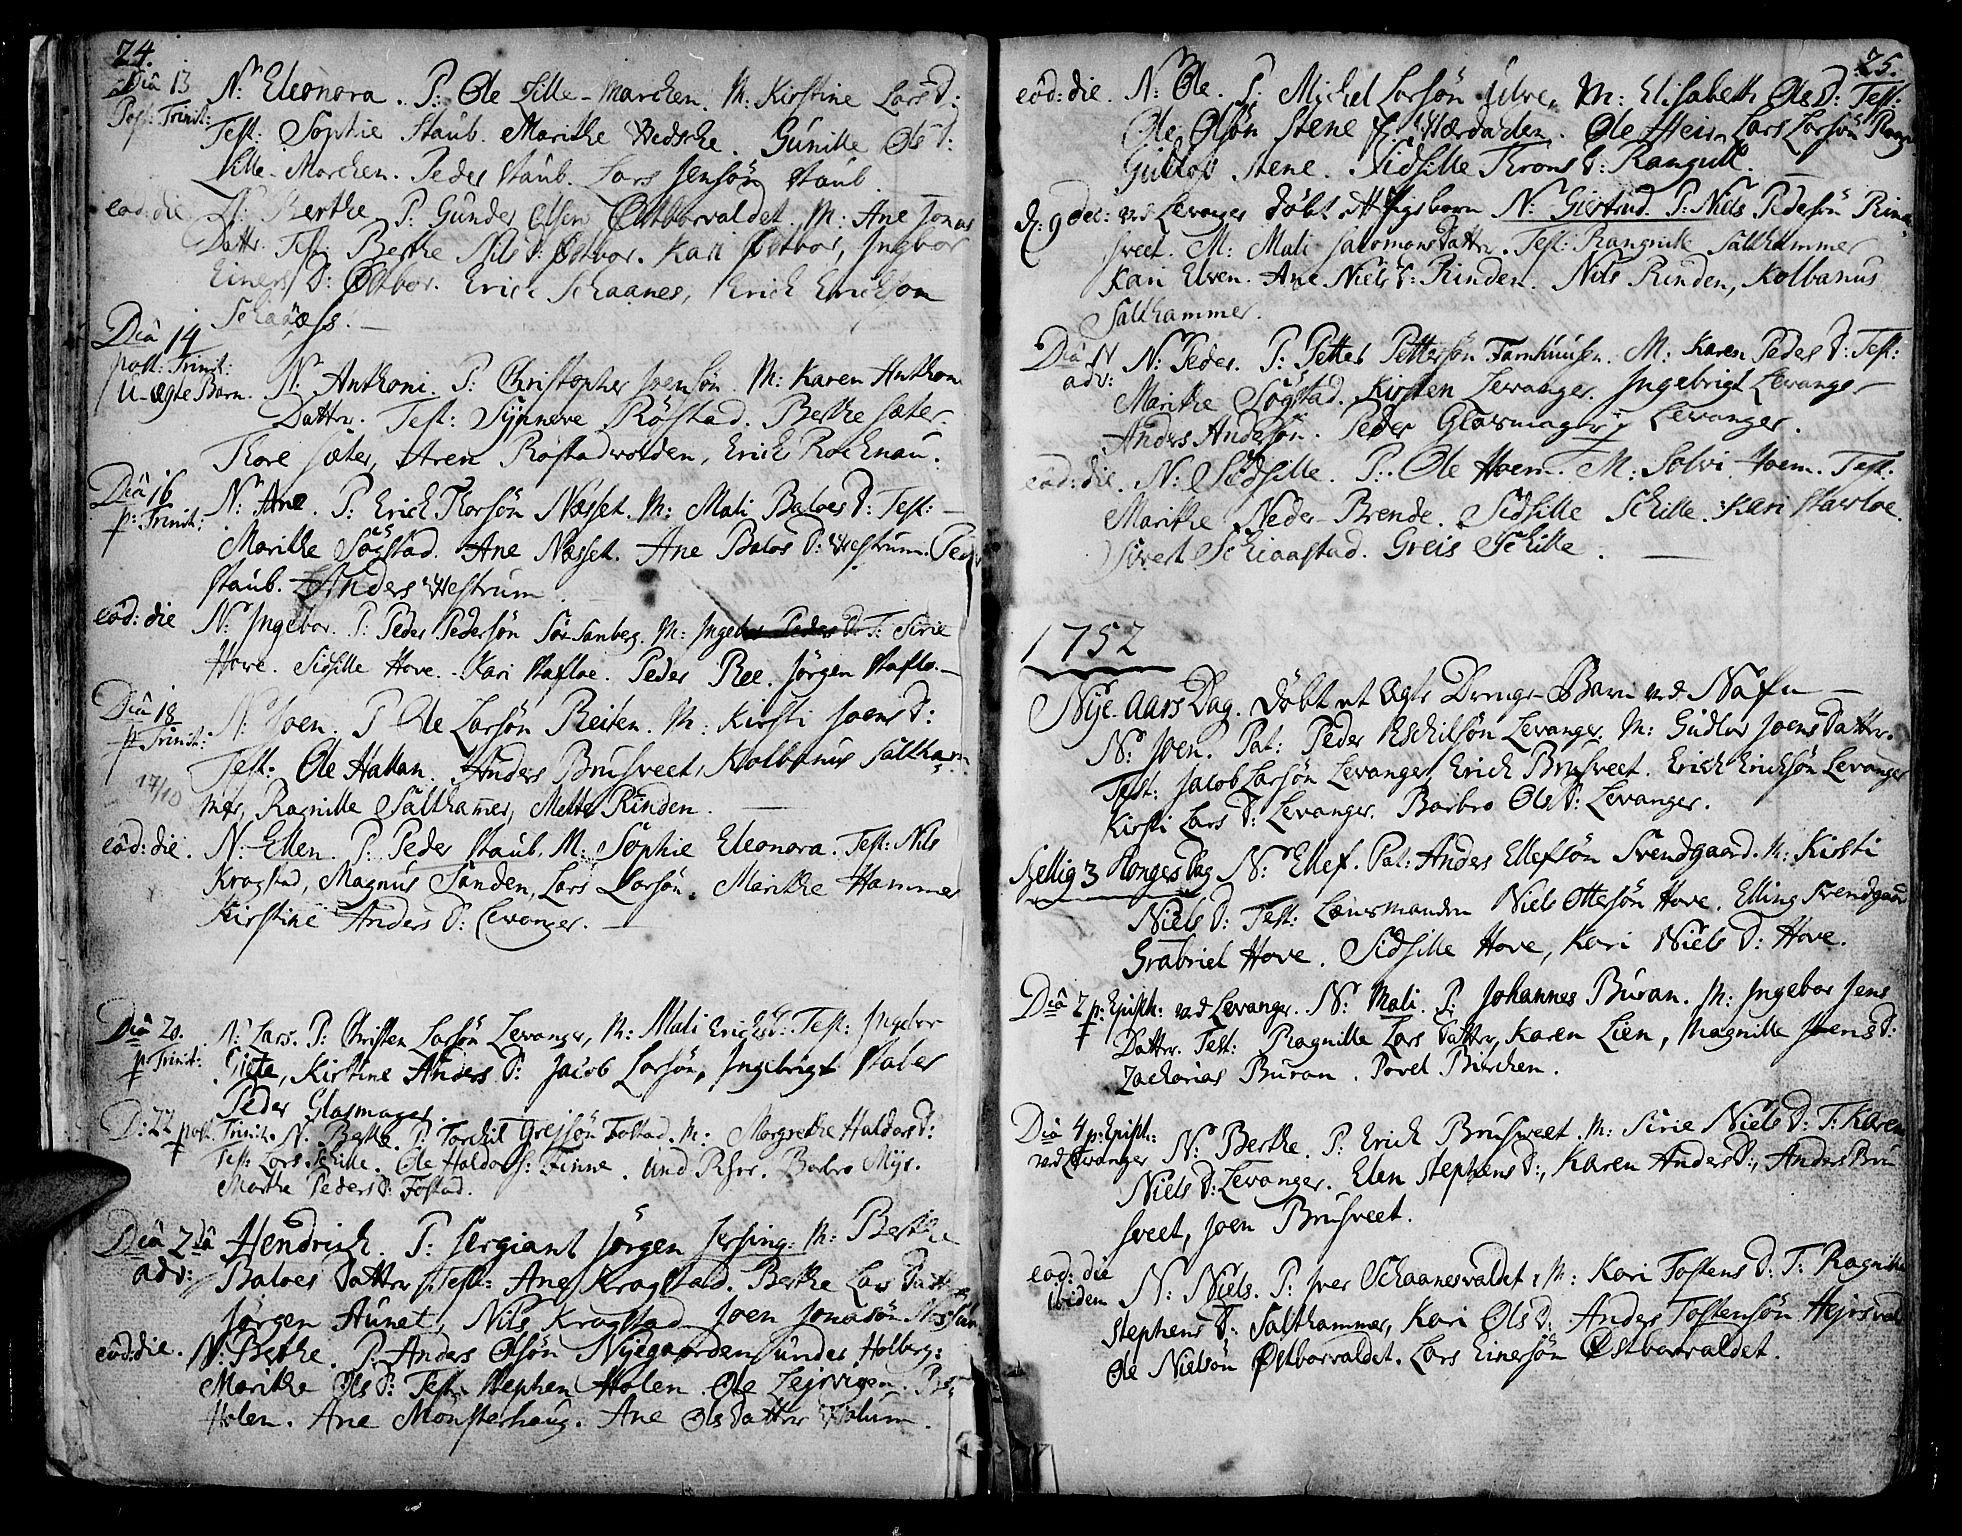 SAT, Ministerialprotokoller, klokkerbøker og fødselsregistre - Nord-Trøndelag, 717/L0141: Ministerialbok nr. 717A01, 1747-1803, s. 24-25